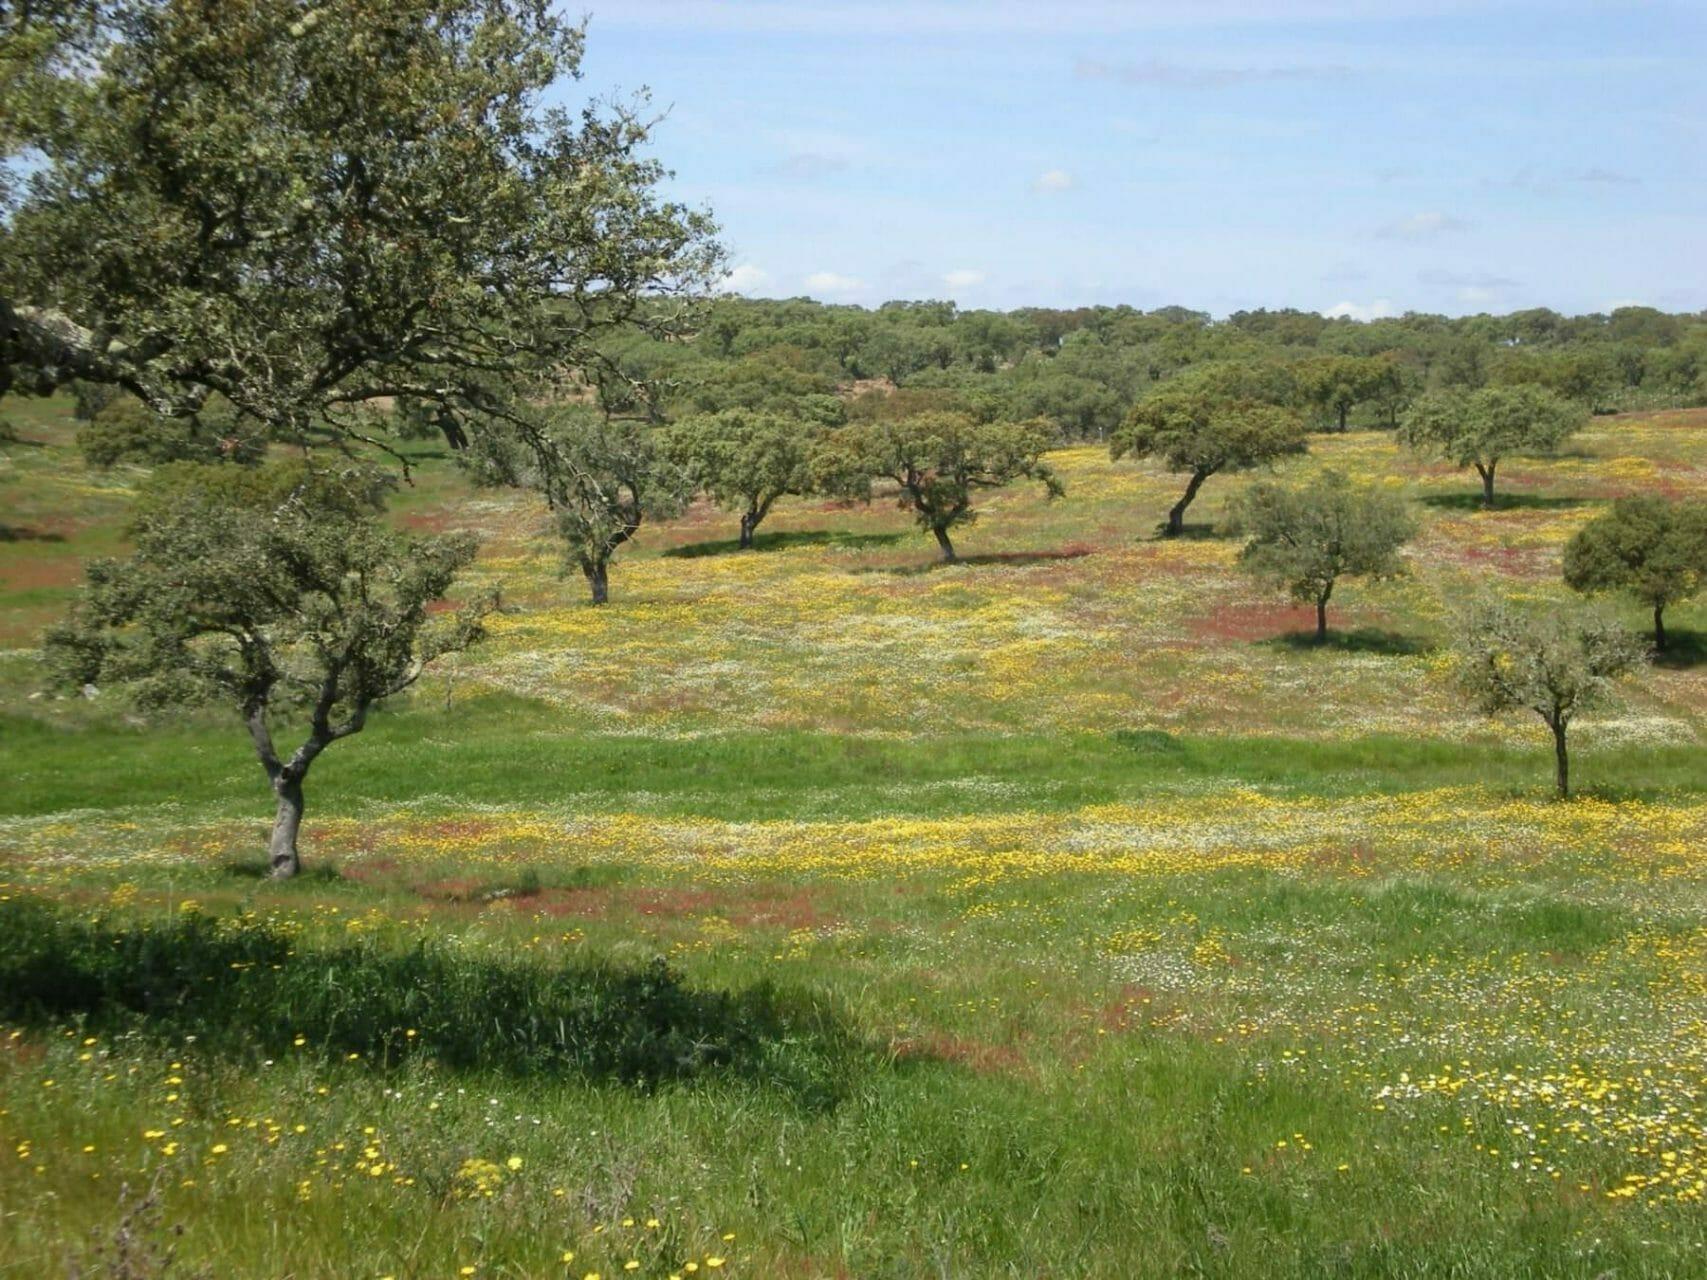 Blühennde Frühlingswiese im Algarve Hügelland